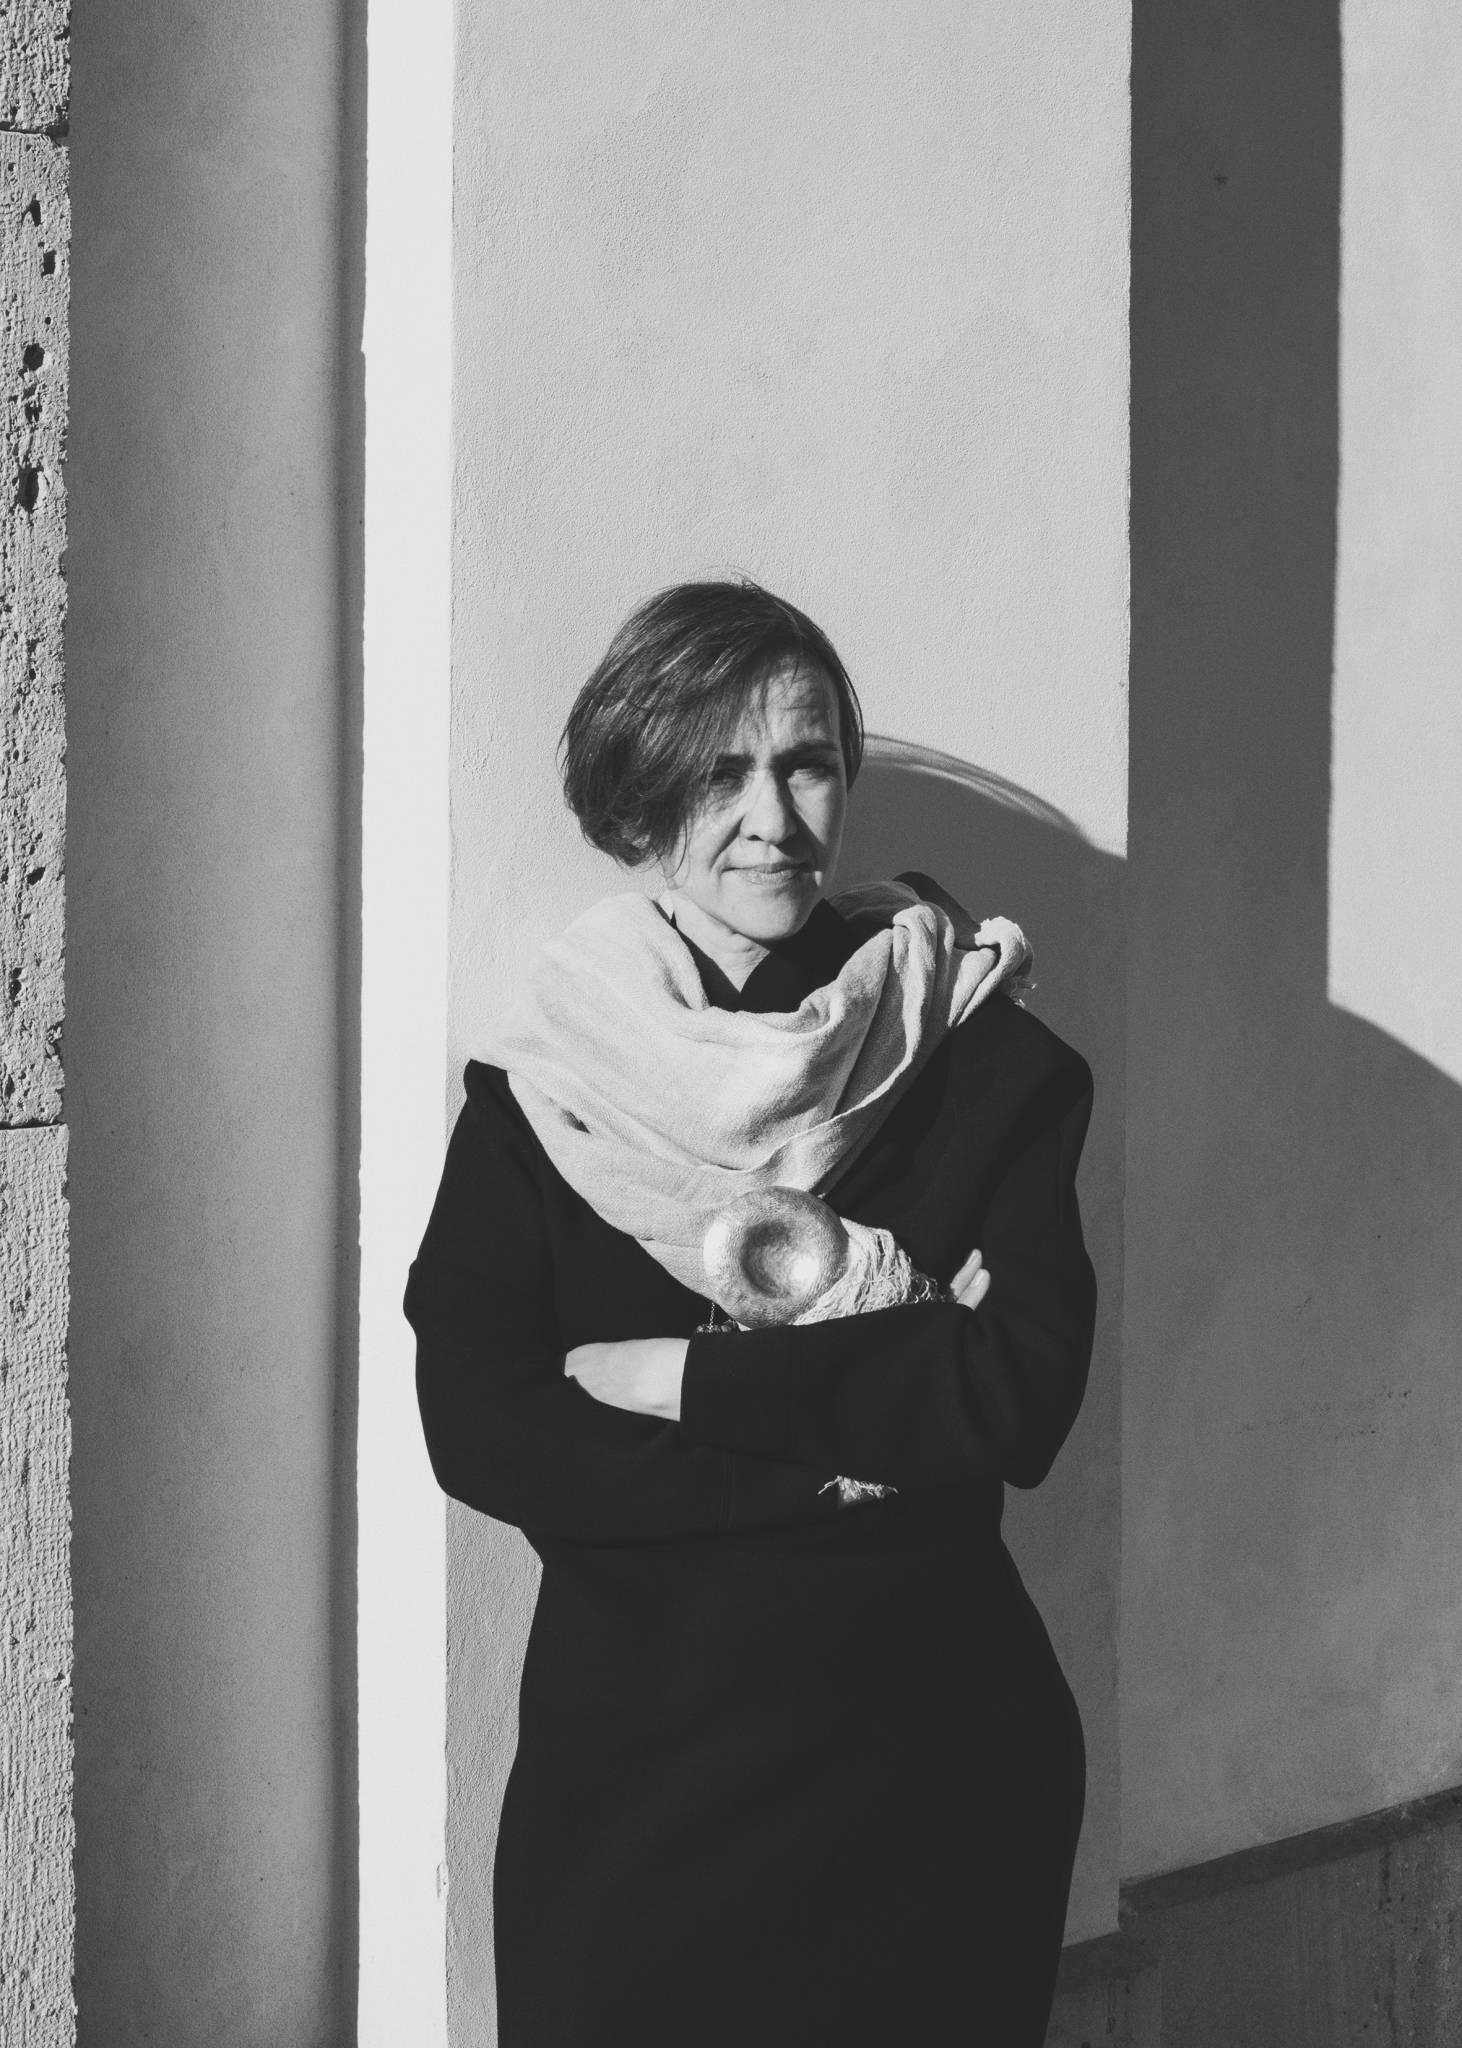 W dialogu z artystą. O swojej pracy opowiadają kuratorki z Centrum Sztuki Współczesnej w Warszawie